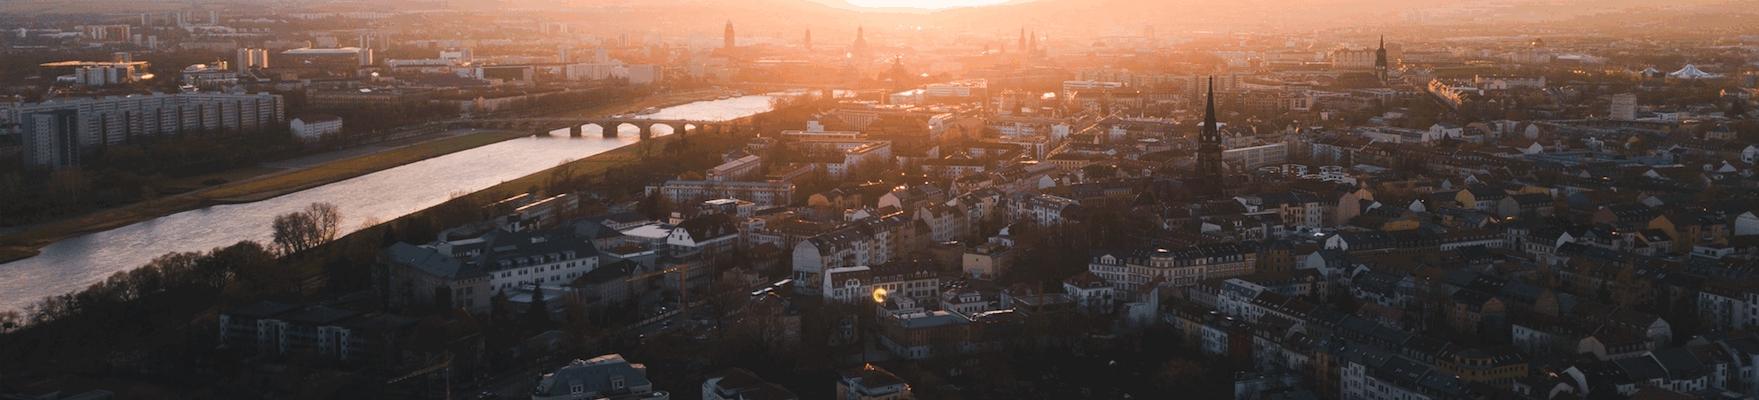 Lustige Stadtrundfahrt in sächischer Mundart Dresden 19.10.